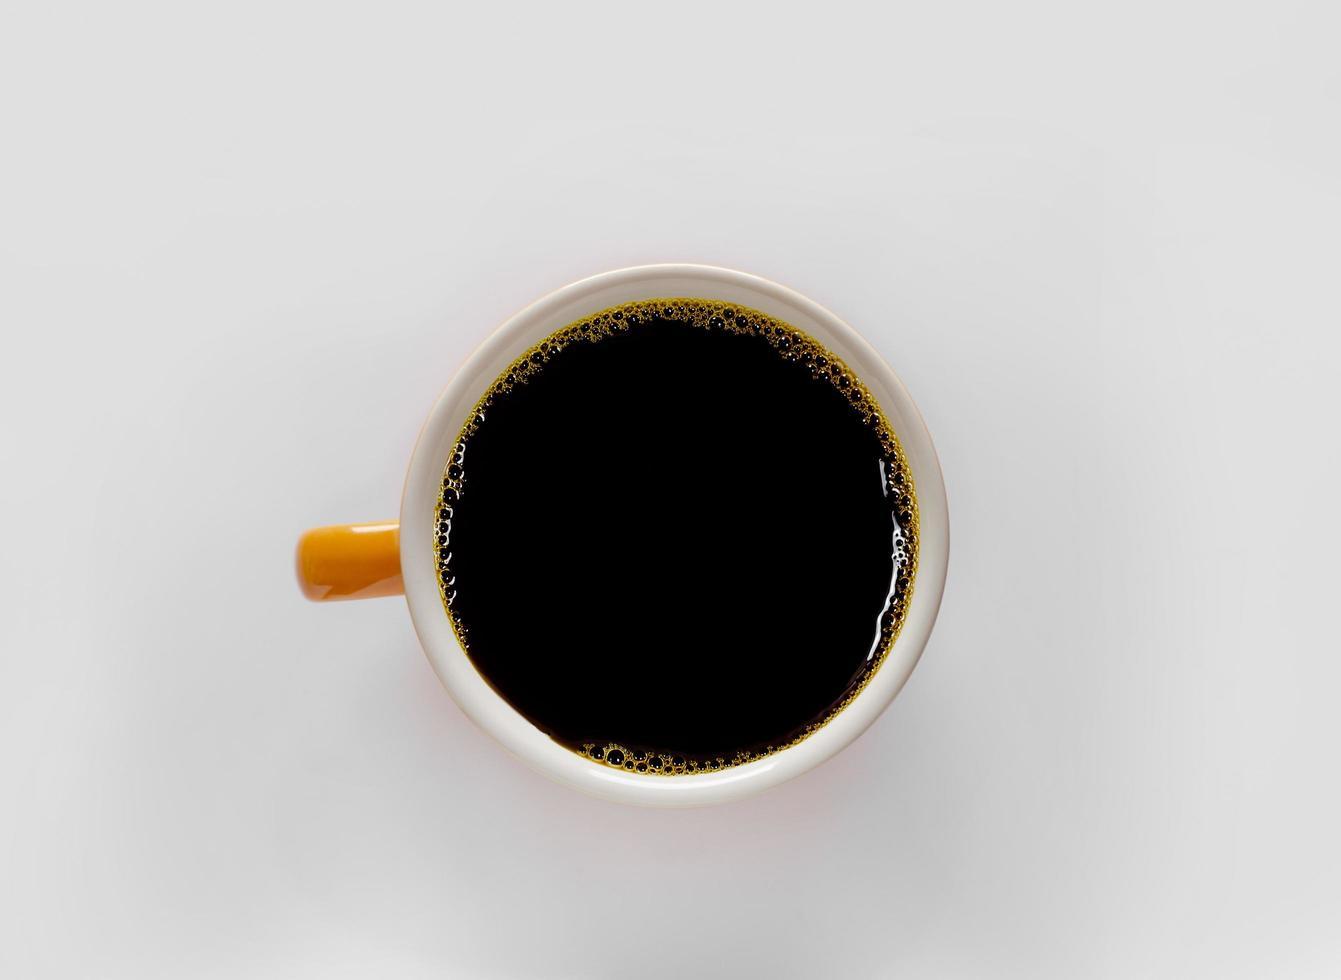 plat lag weergave van zwarte koffie in een fel oranje kopje foto